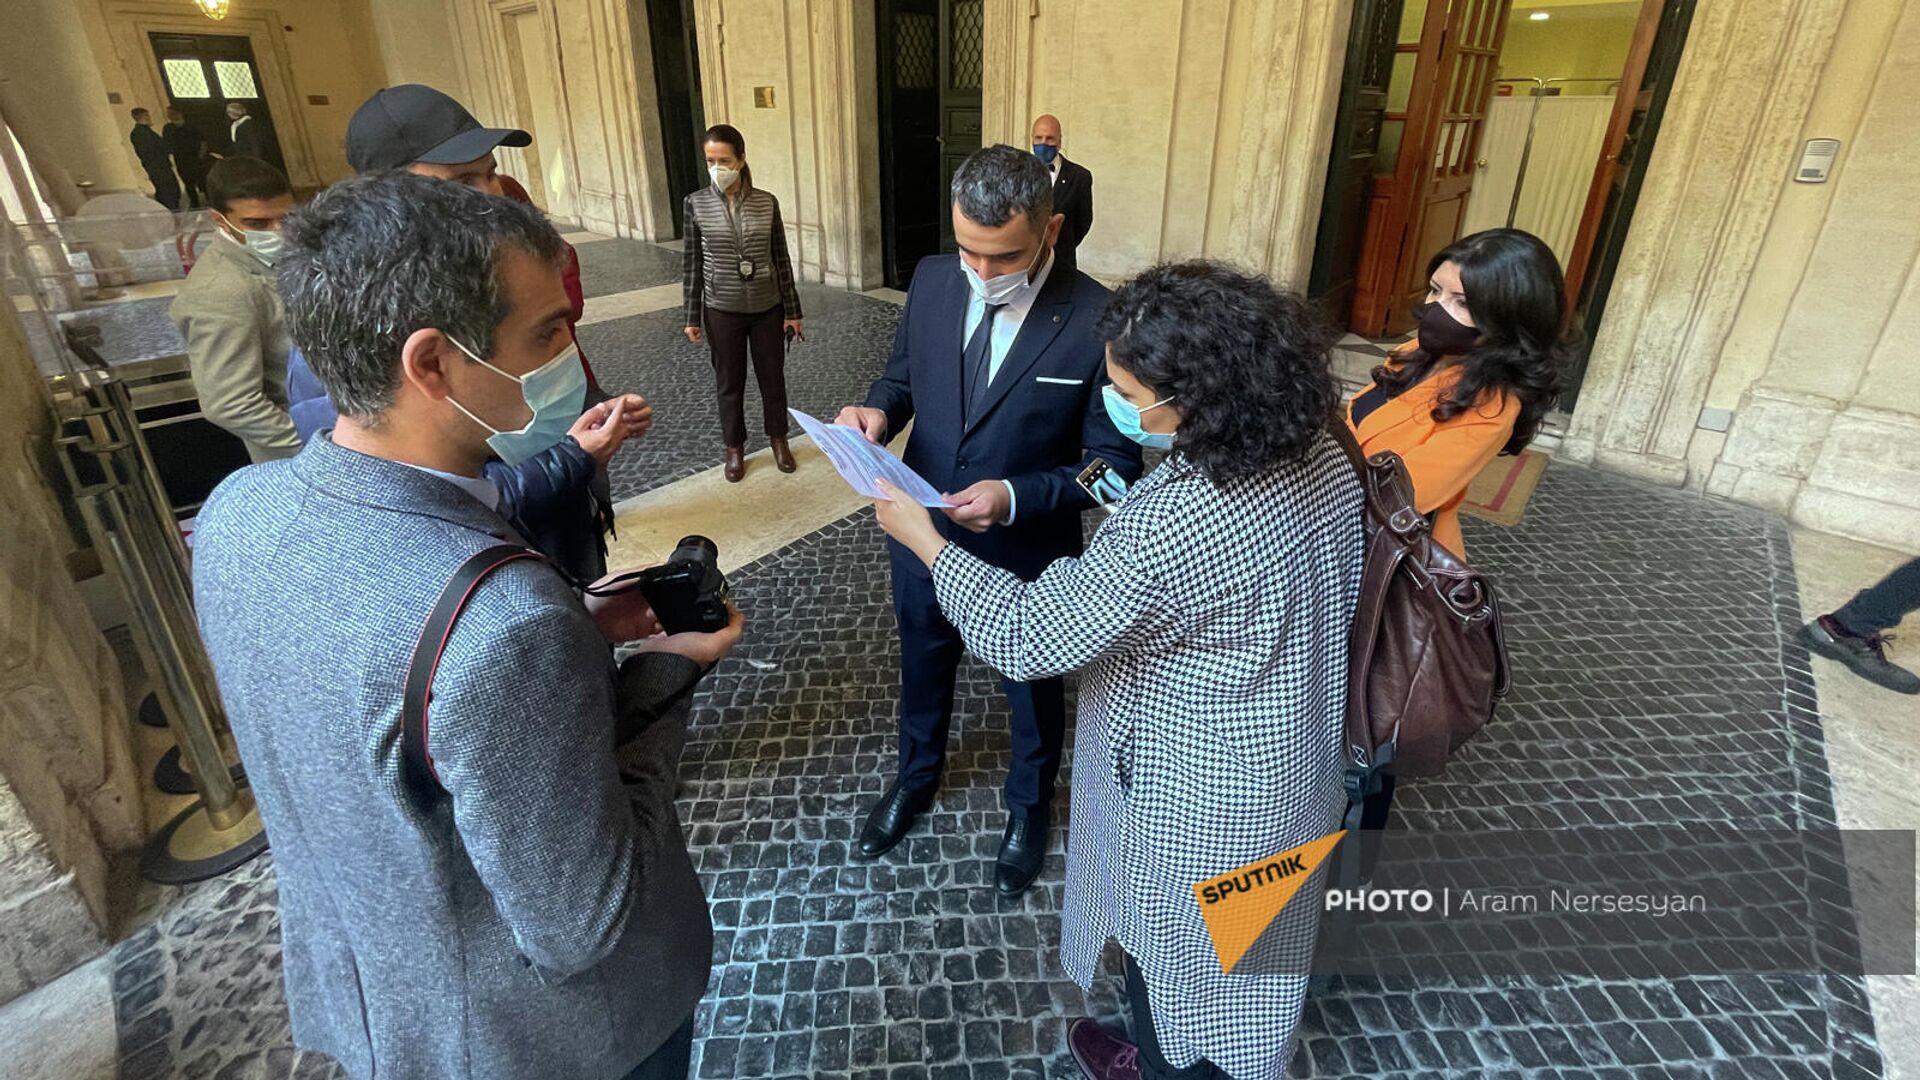 Армянские журналисты получили результат на тест - Sputnik Армения, 1920, 11.10.2021